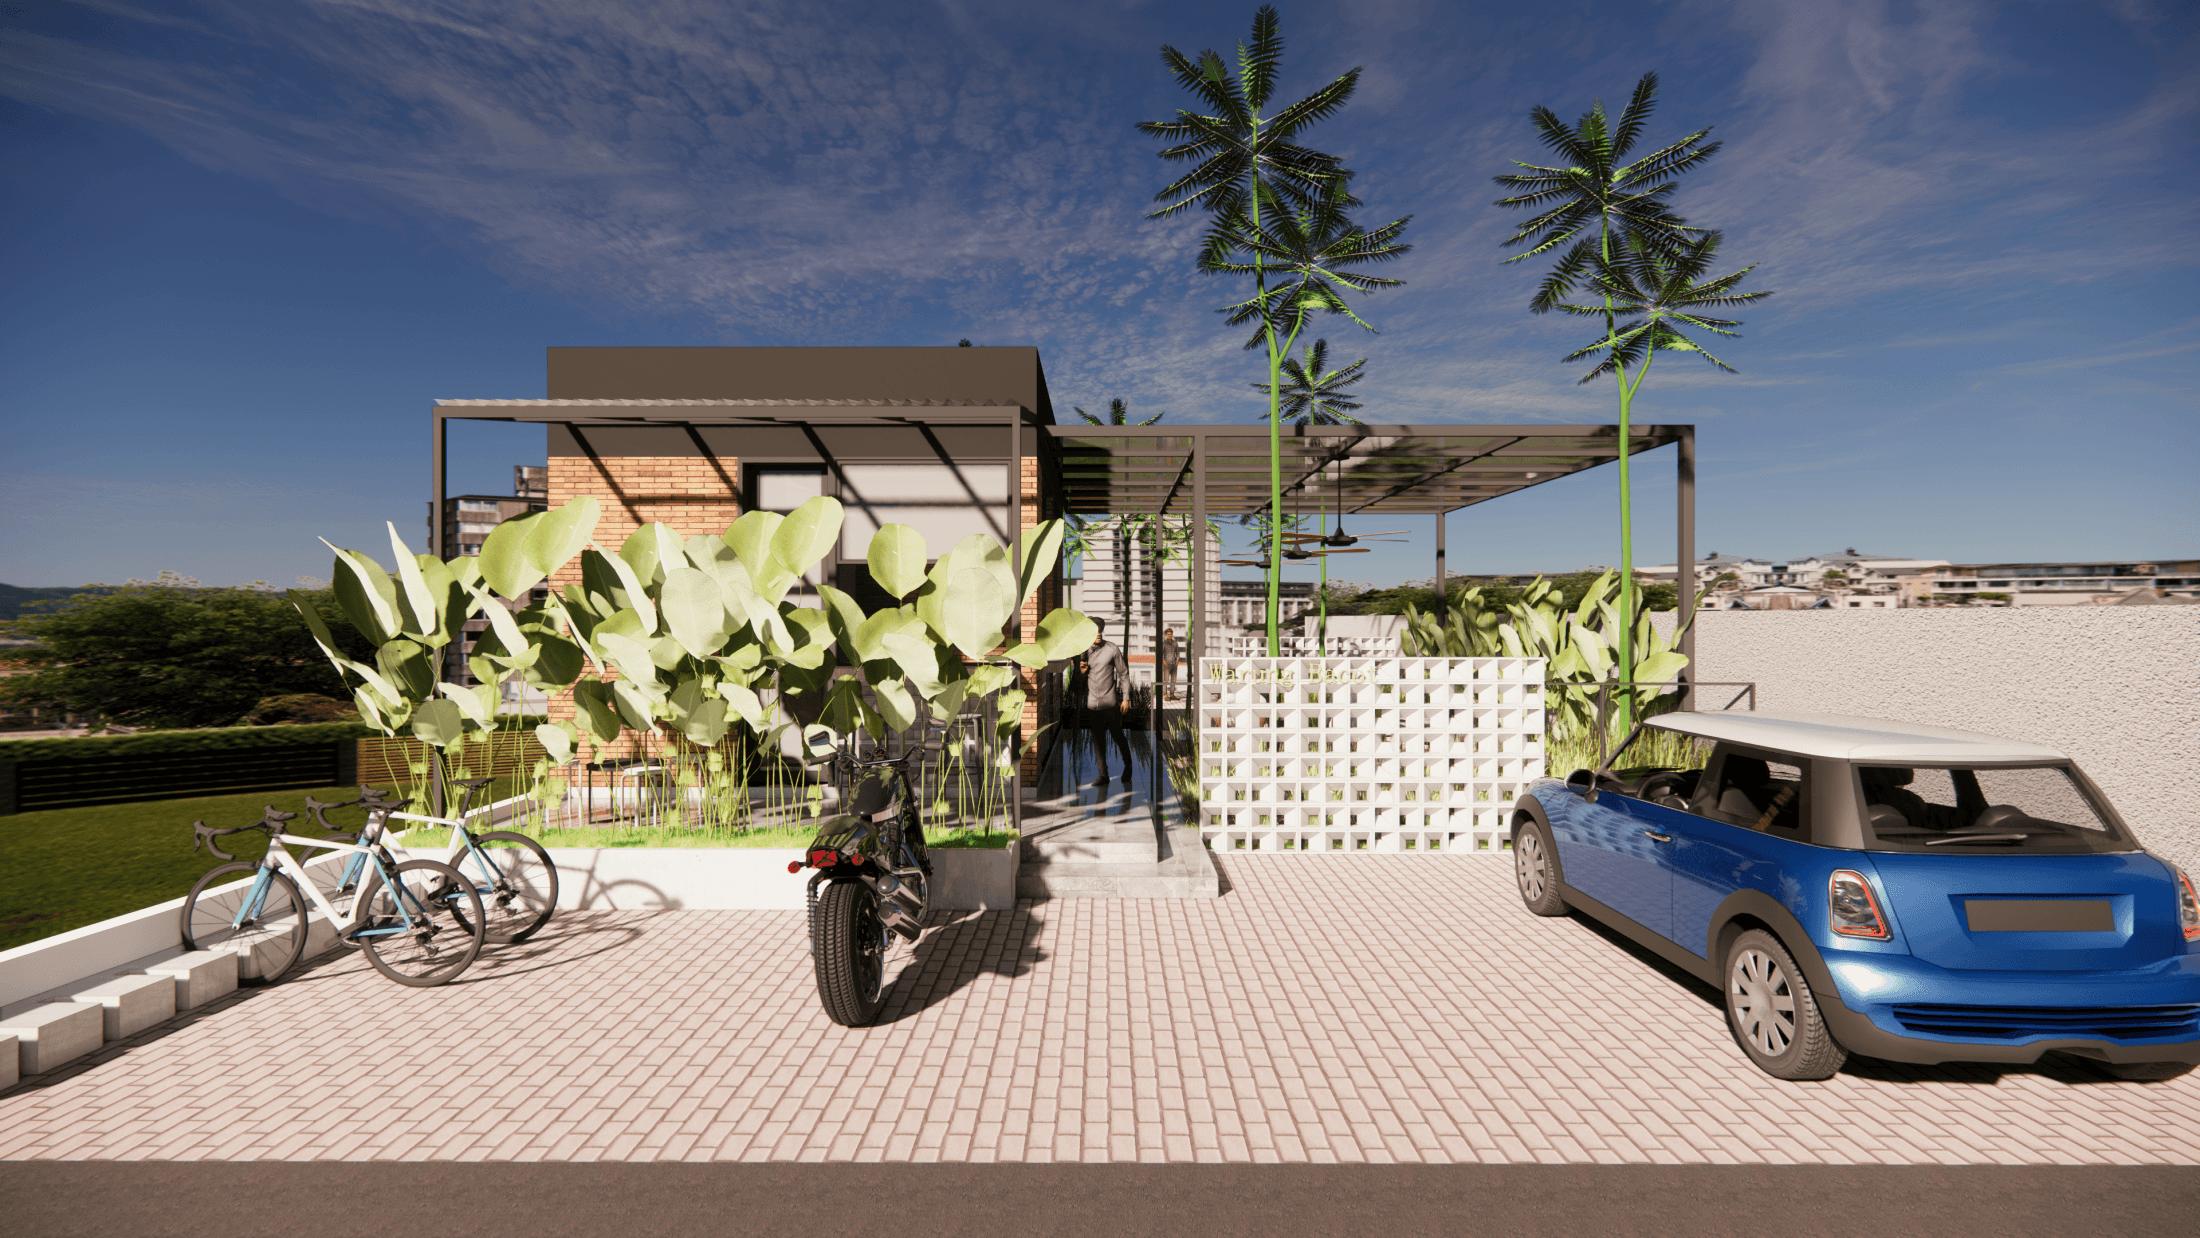 Arbatra Design Cafe Cimanggis Kec. Cimanggis, Kota Depok, Jawa Barat, Indonesia Kec. Cimanggis, Kota Depok, Jawa Barat, Indonesia Arbatra-Design-Cafe-Cimanggis  121474